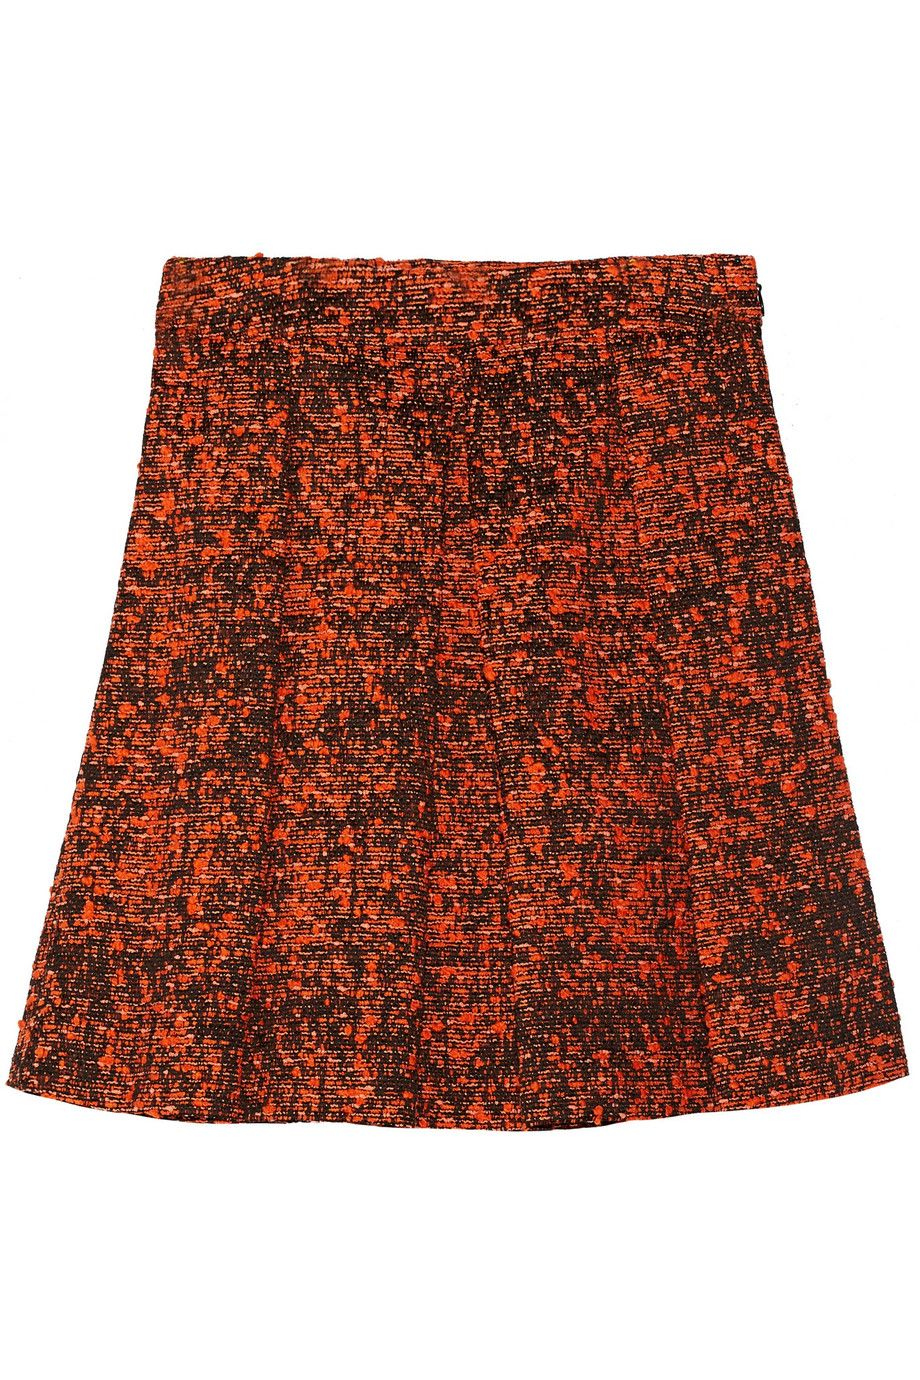 PROENZA SCHOULER Pleated Bouclé Skirt. #proenzaschouler #cloth #skirt